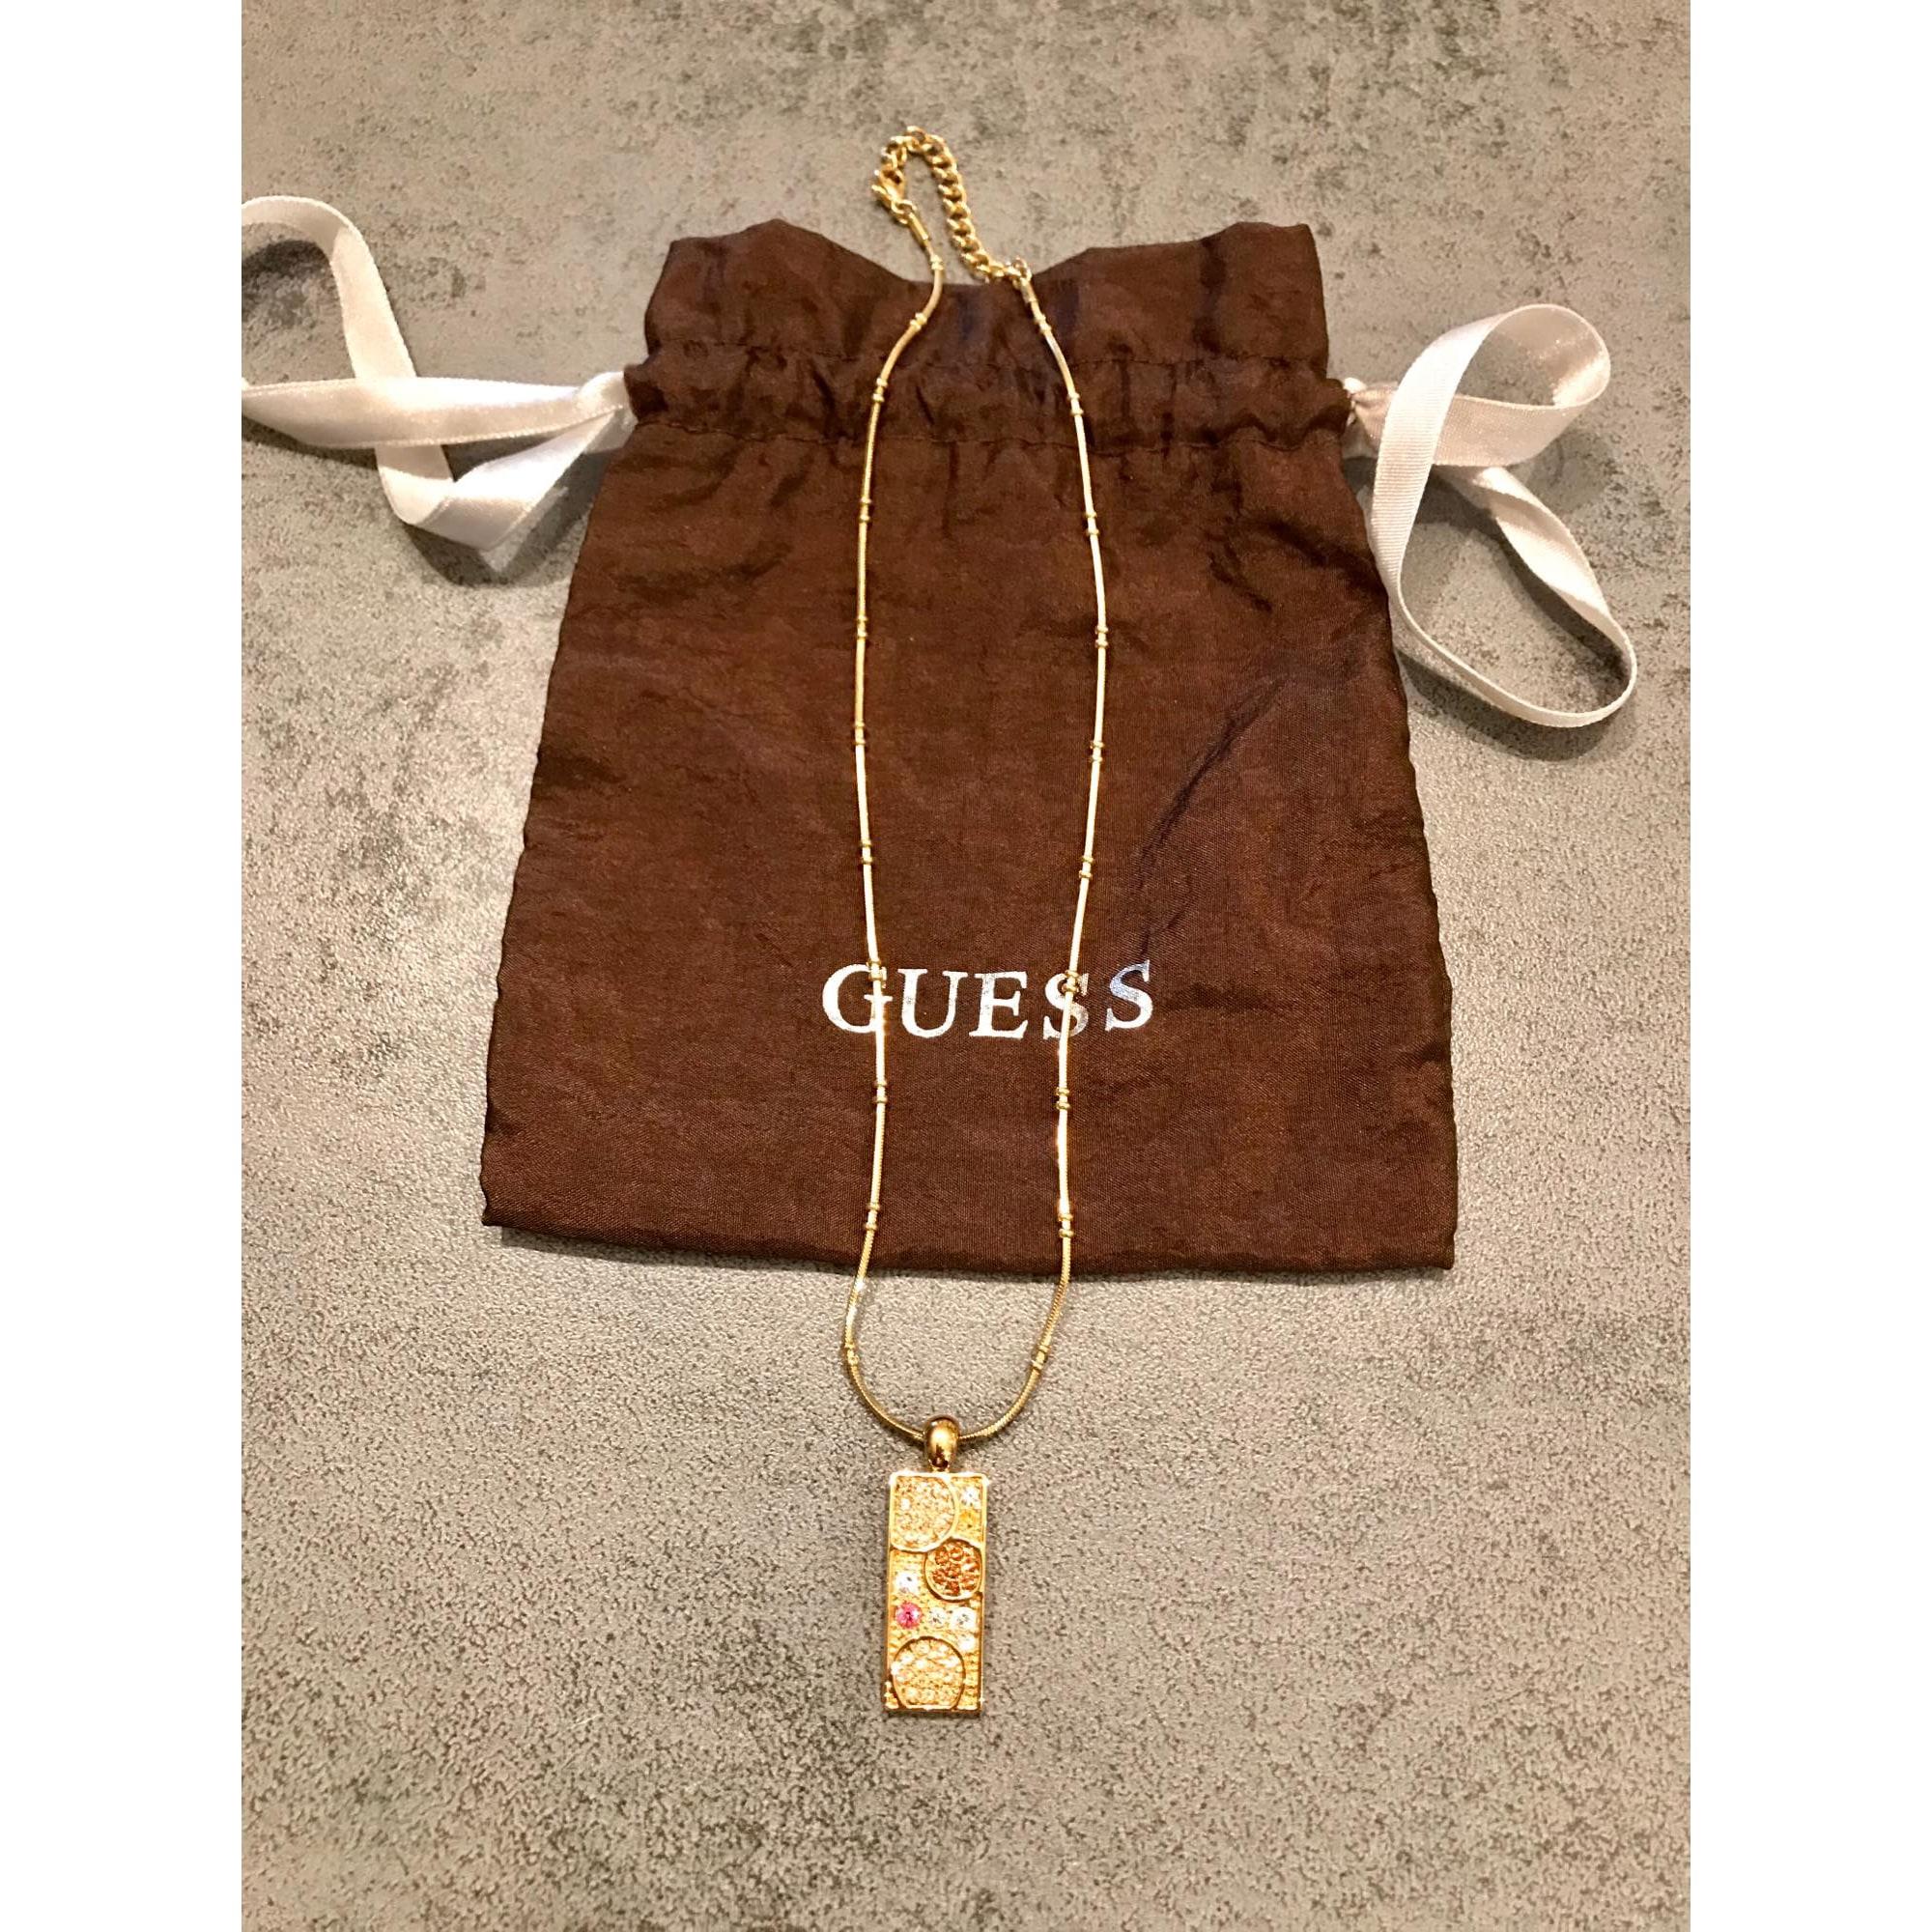 Pendentif, collier pendentif GUESS Doré, bronze, cuivre